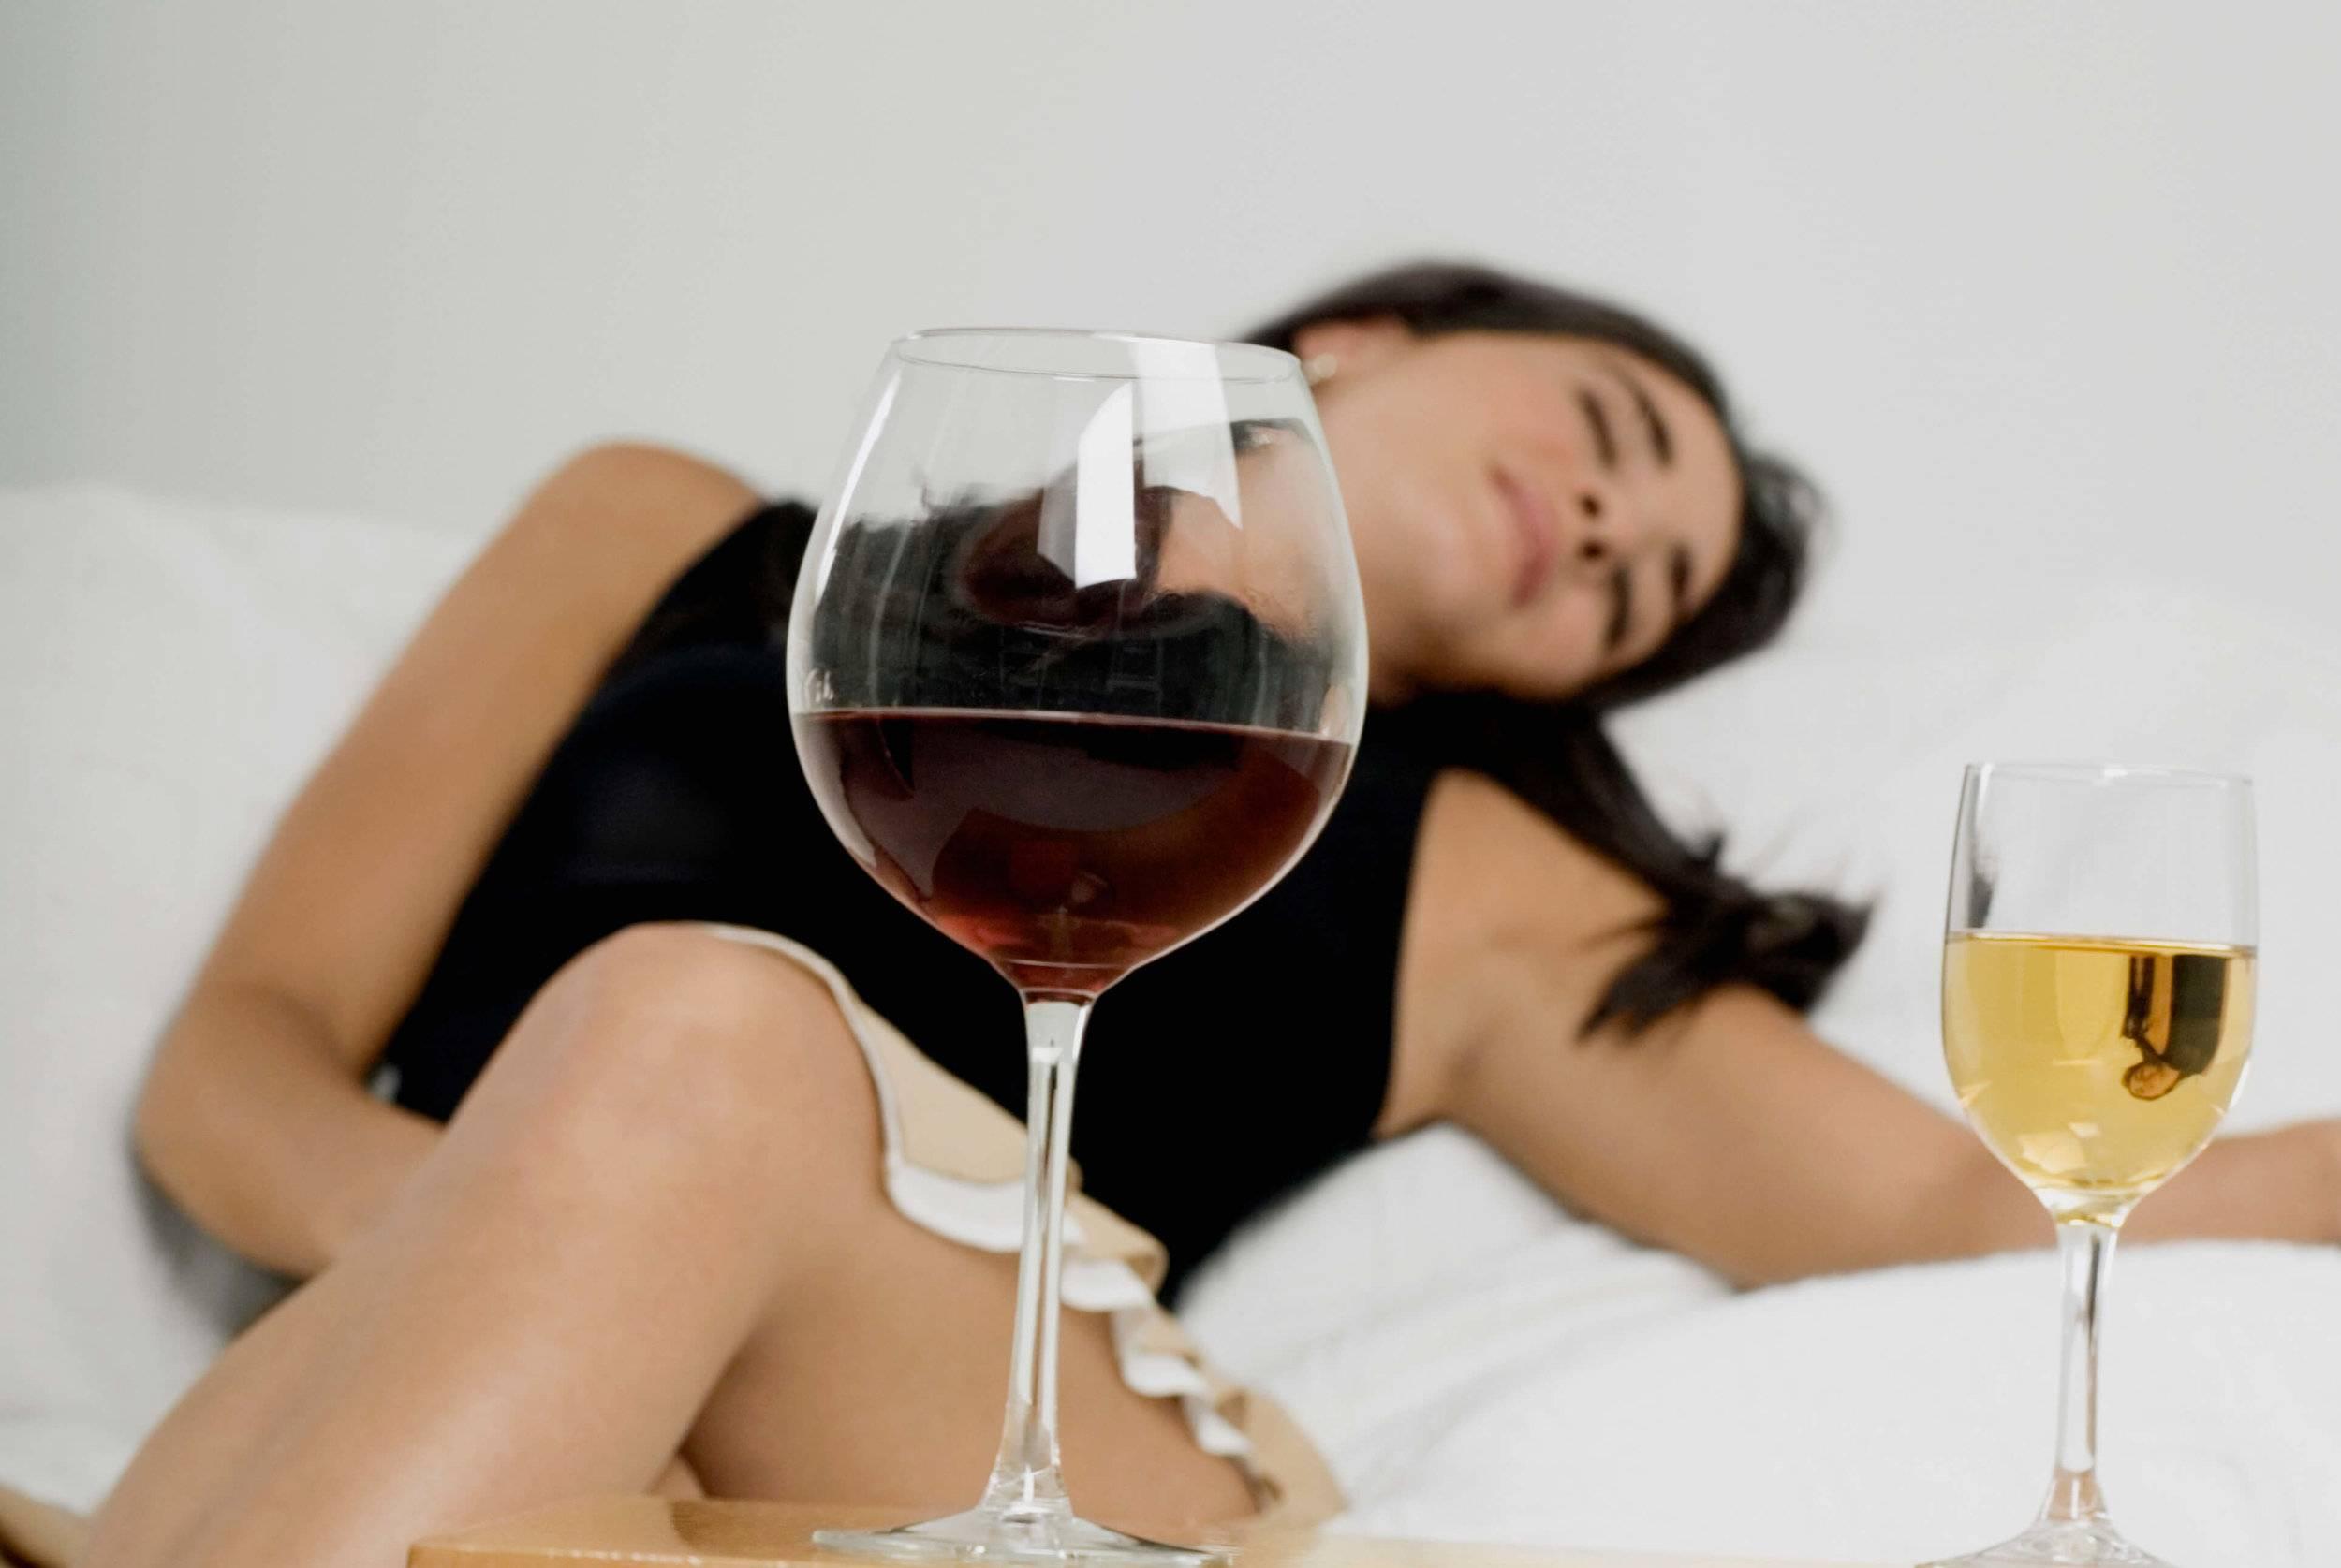 К чему снится пьяный друг: значение и толкование сновидения - tolksnov.ru